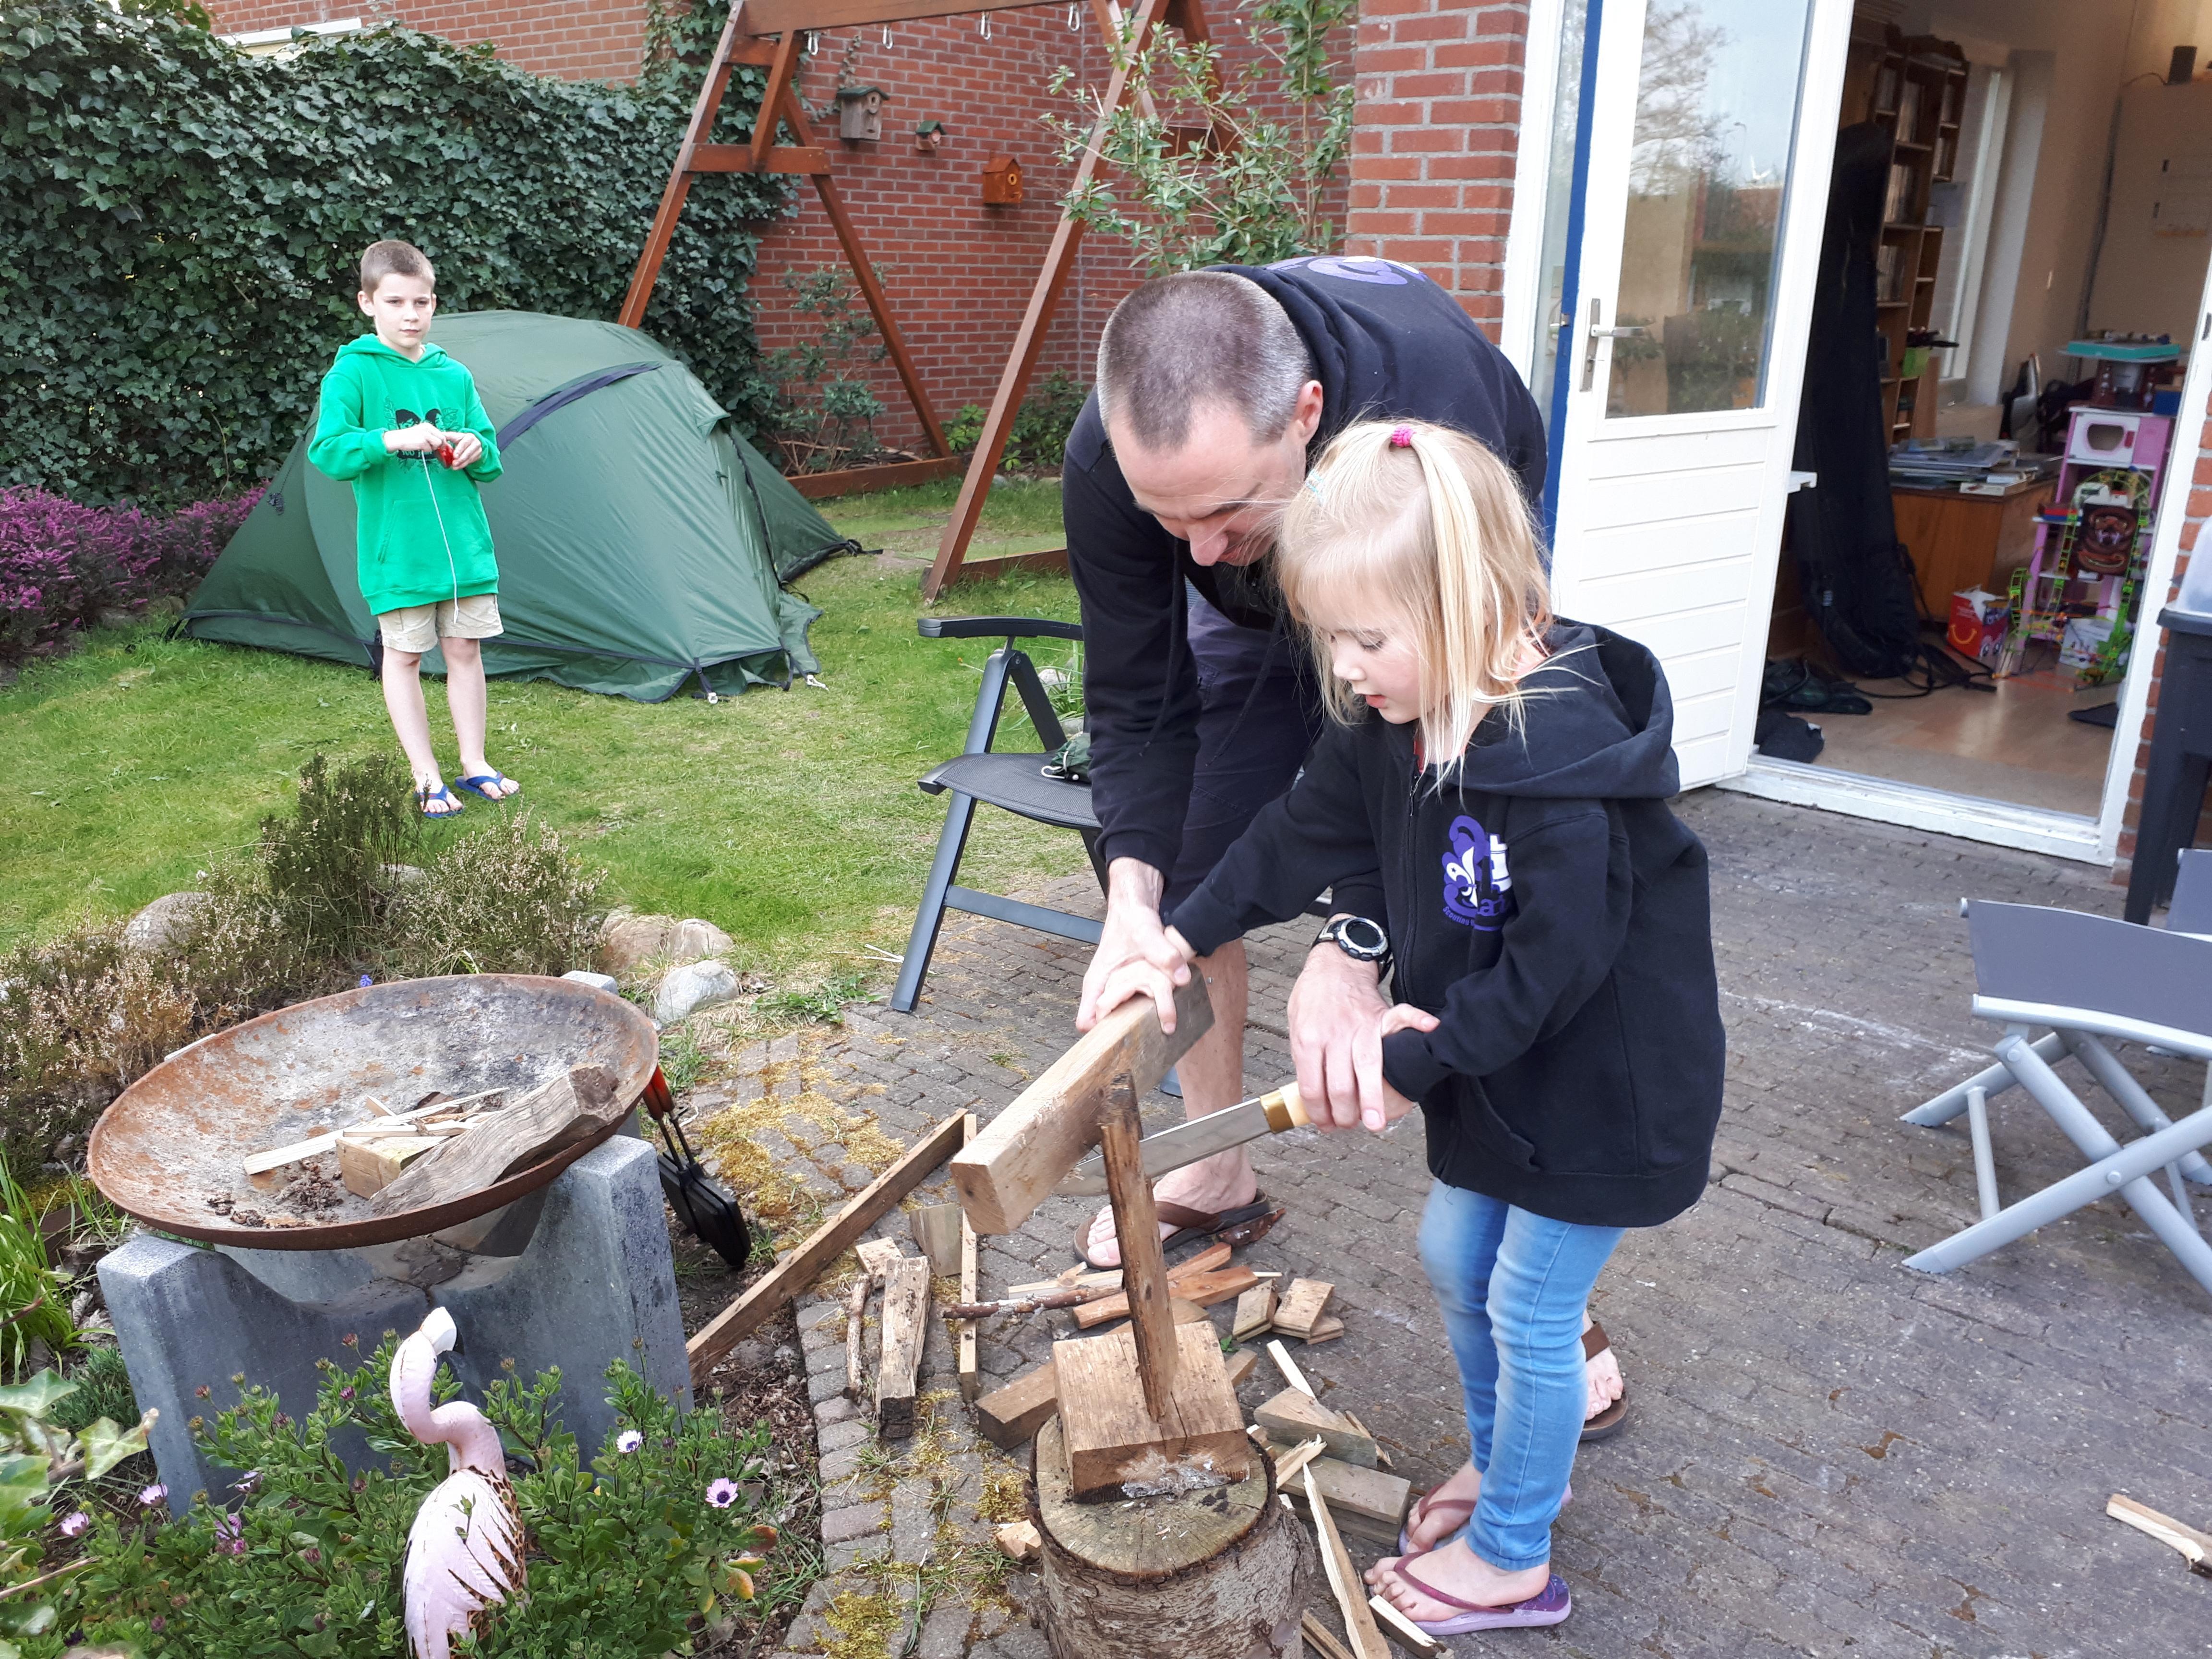 Noord-Hollandse scouts vinden uitdagingen op de vierkante meter: kamperen en hout hakken in de achtertuin en in zeilpak onder de douche